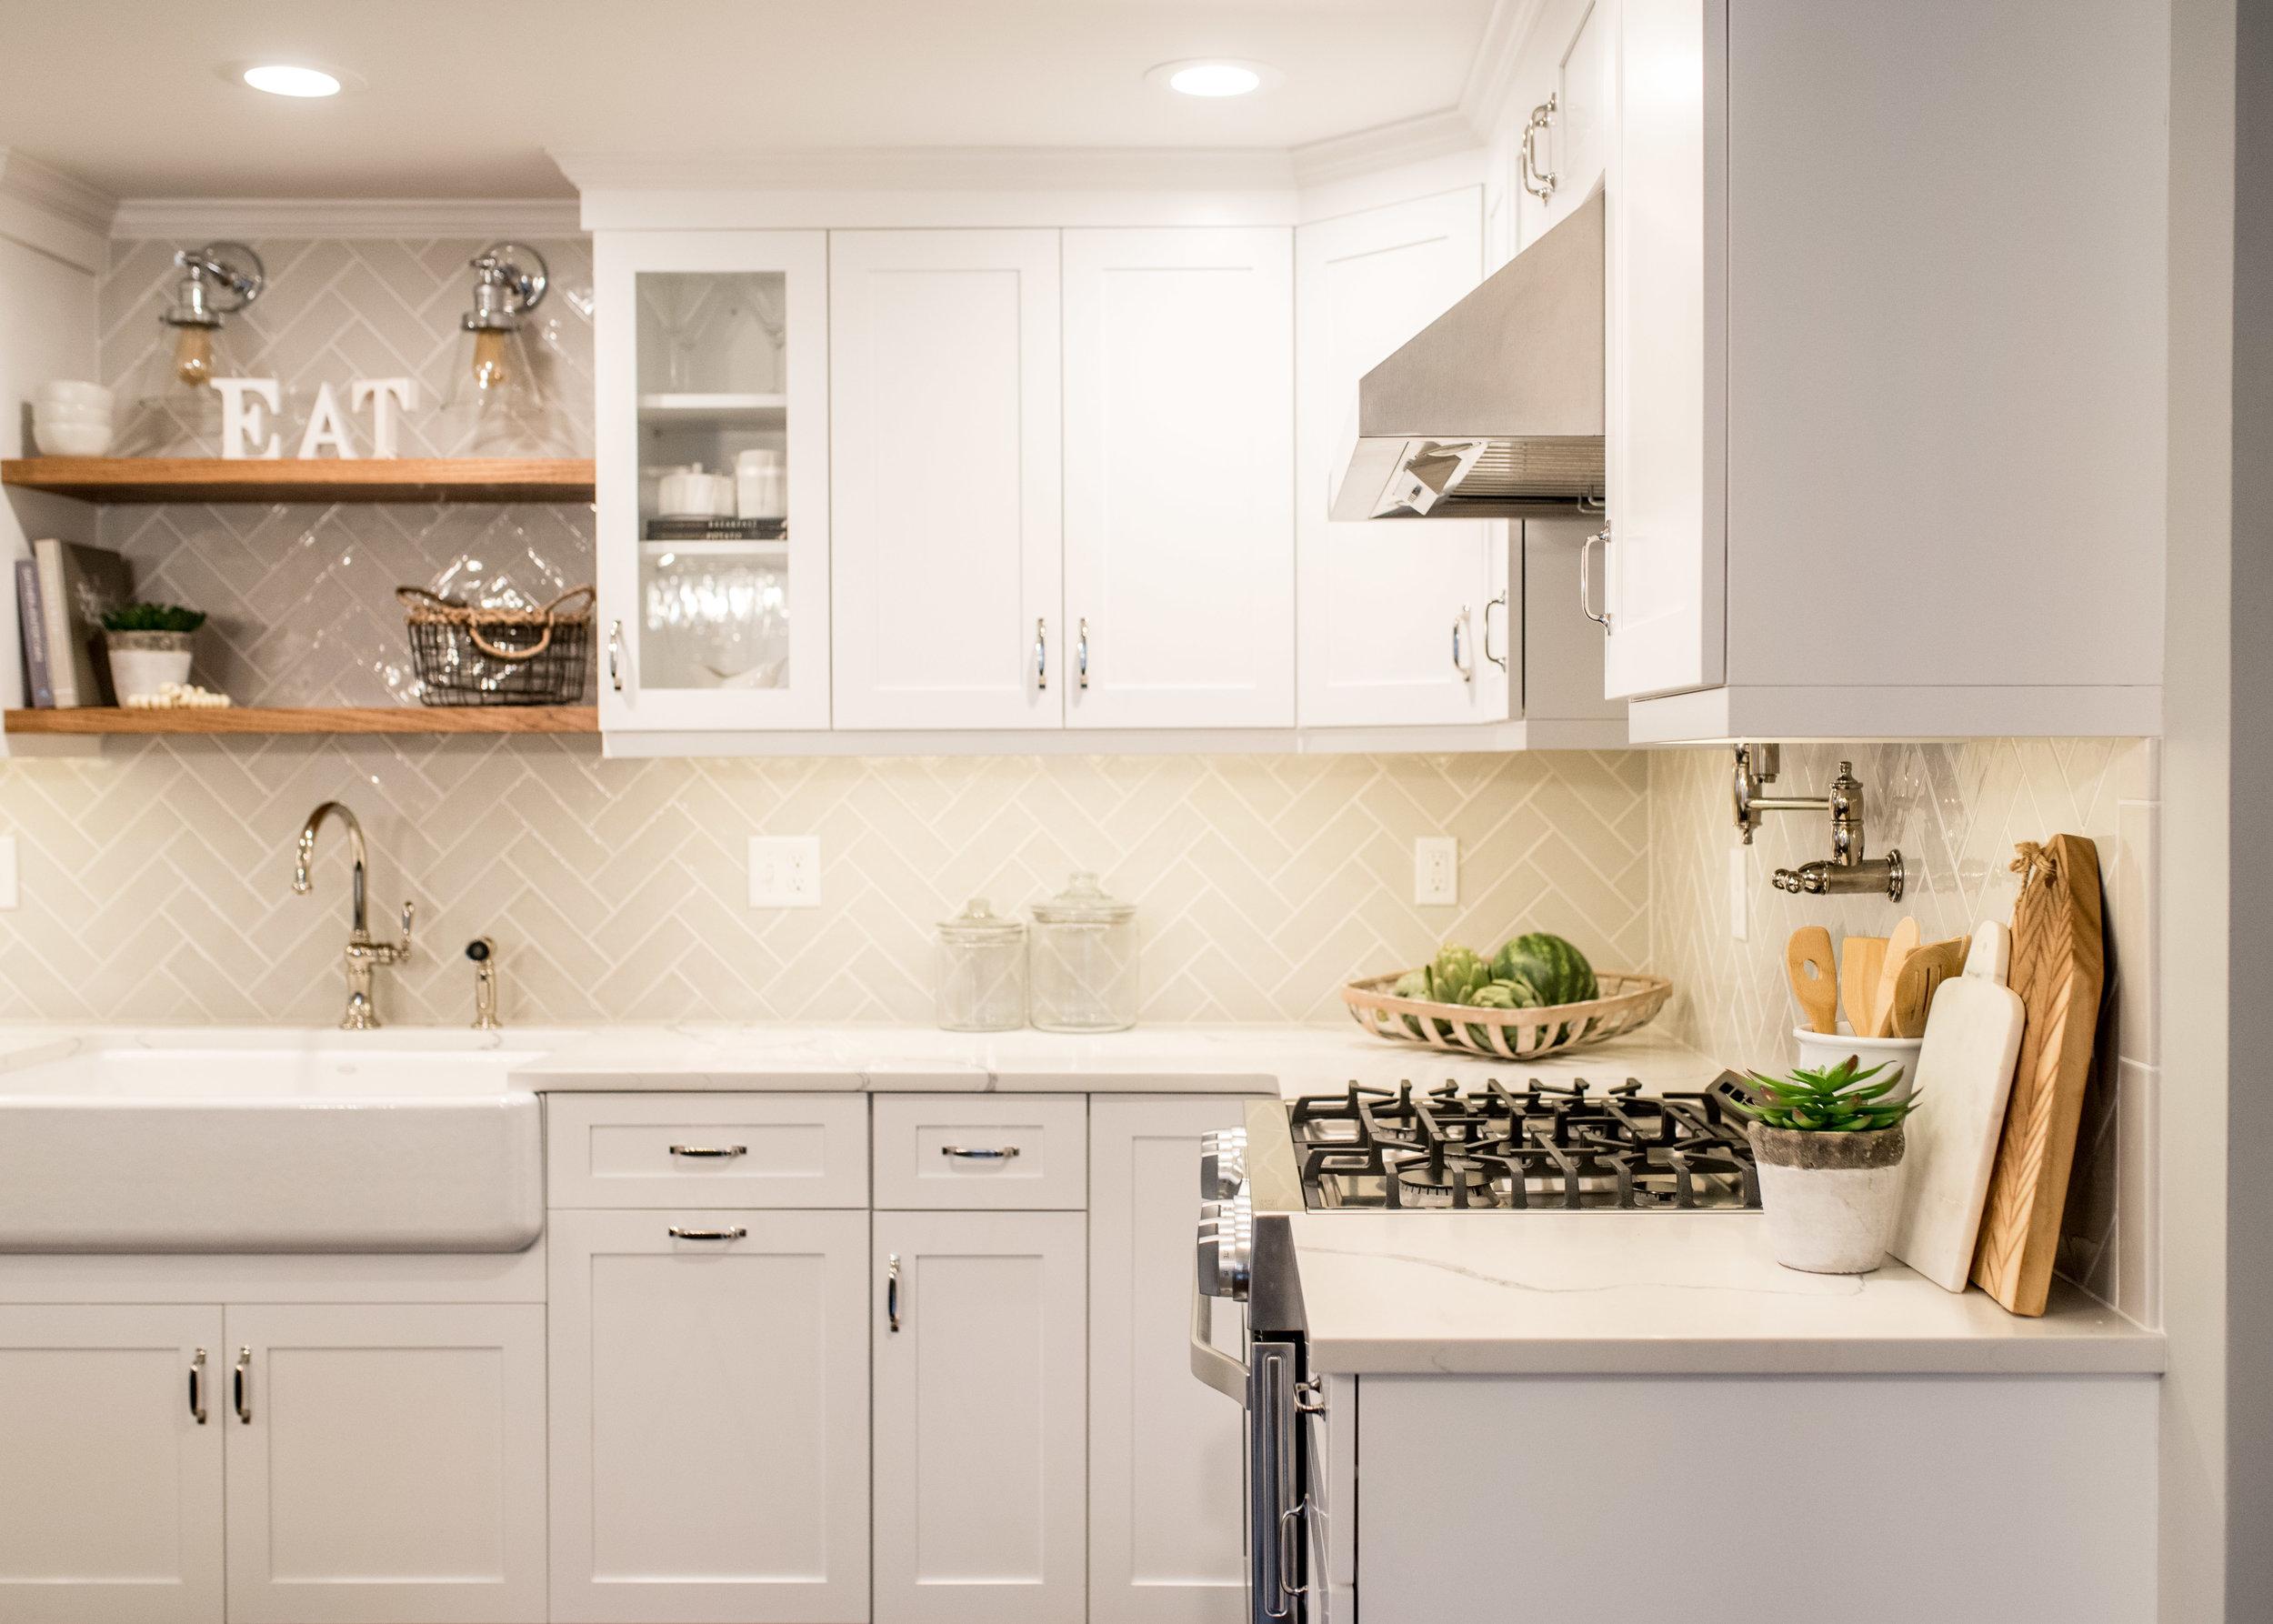 HGTV Kitchen Design